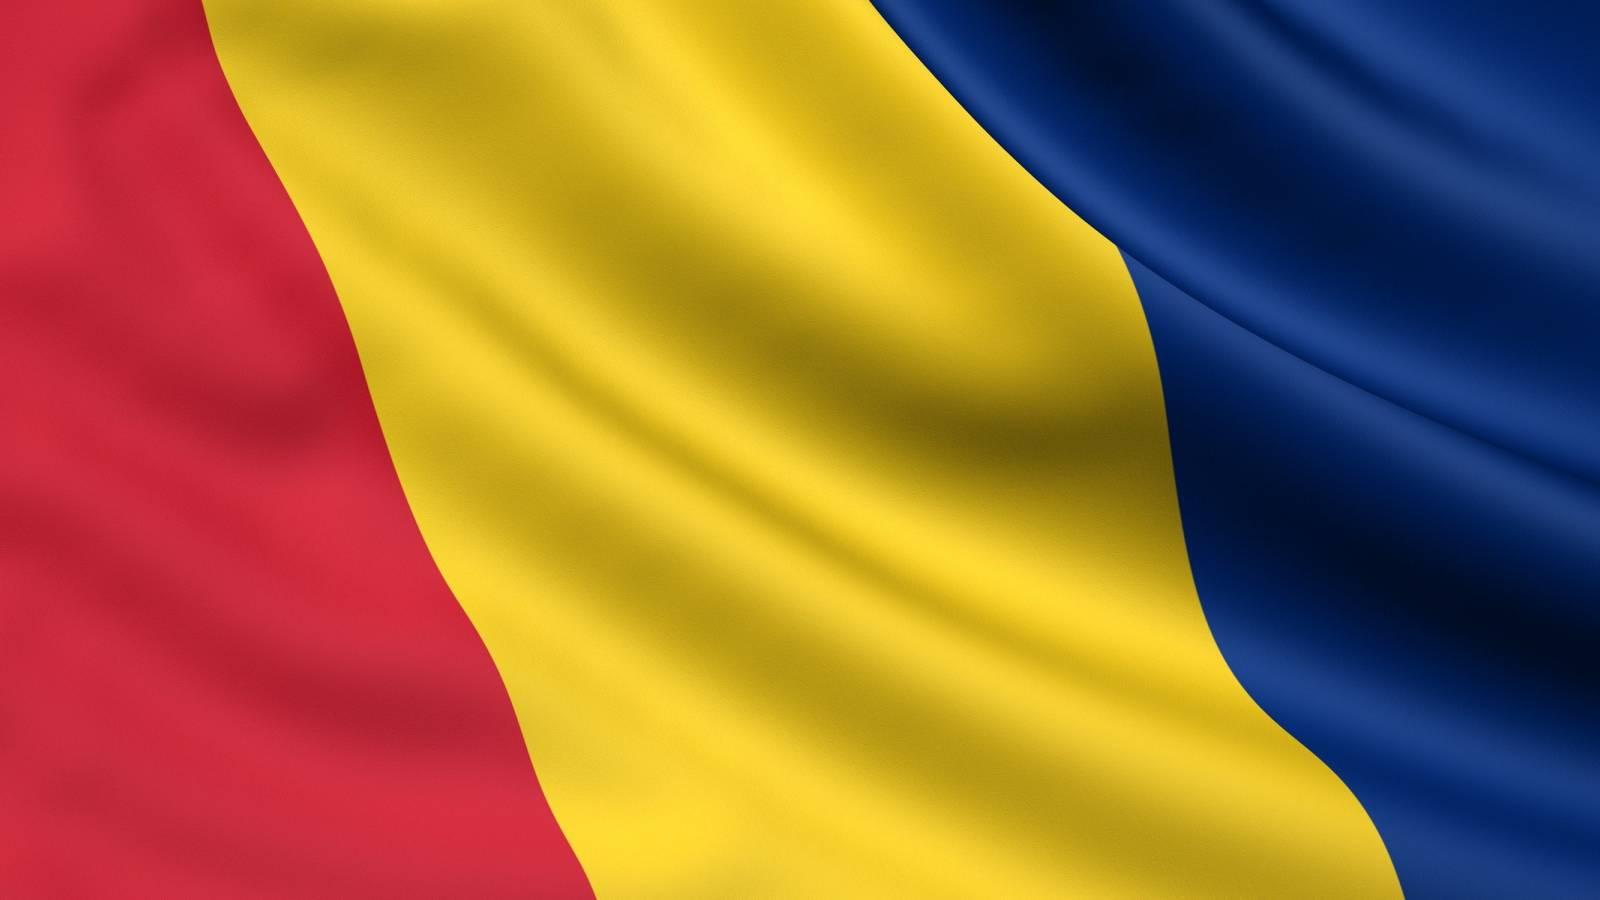 DSU Anunt Privind Testarea Obligatorie la Intrarea in Romania